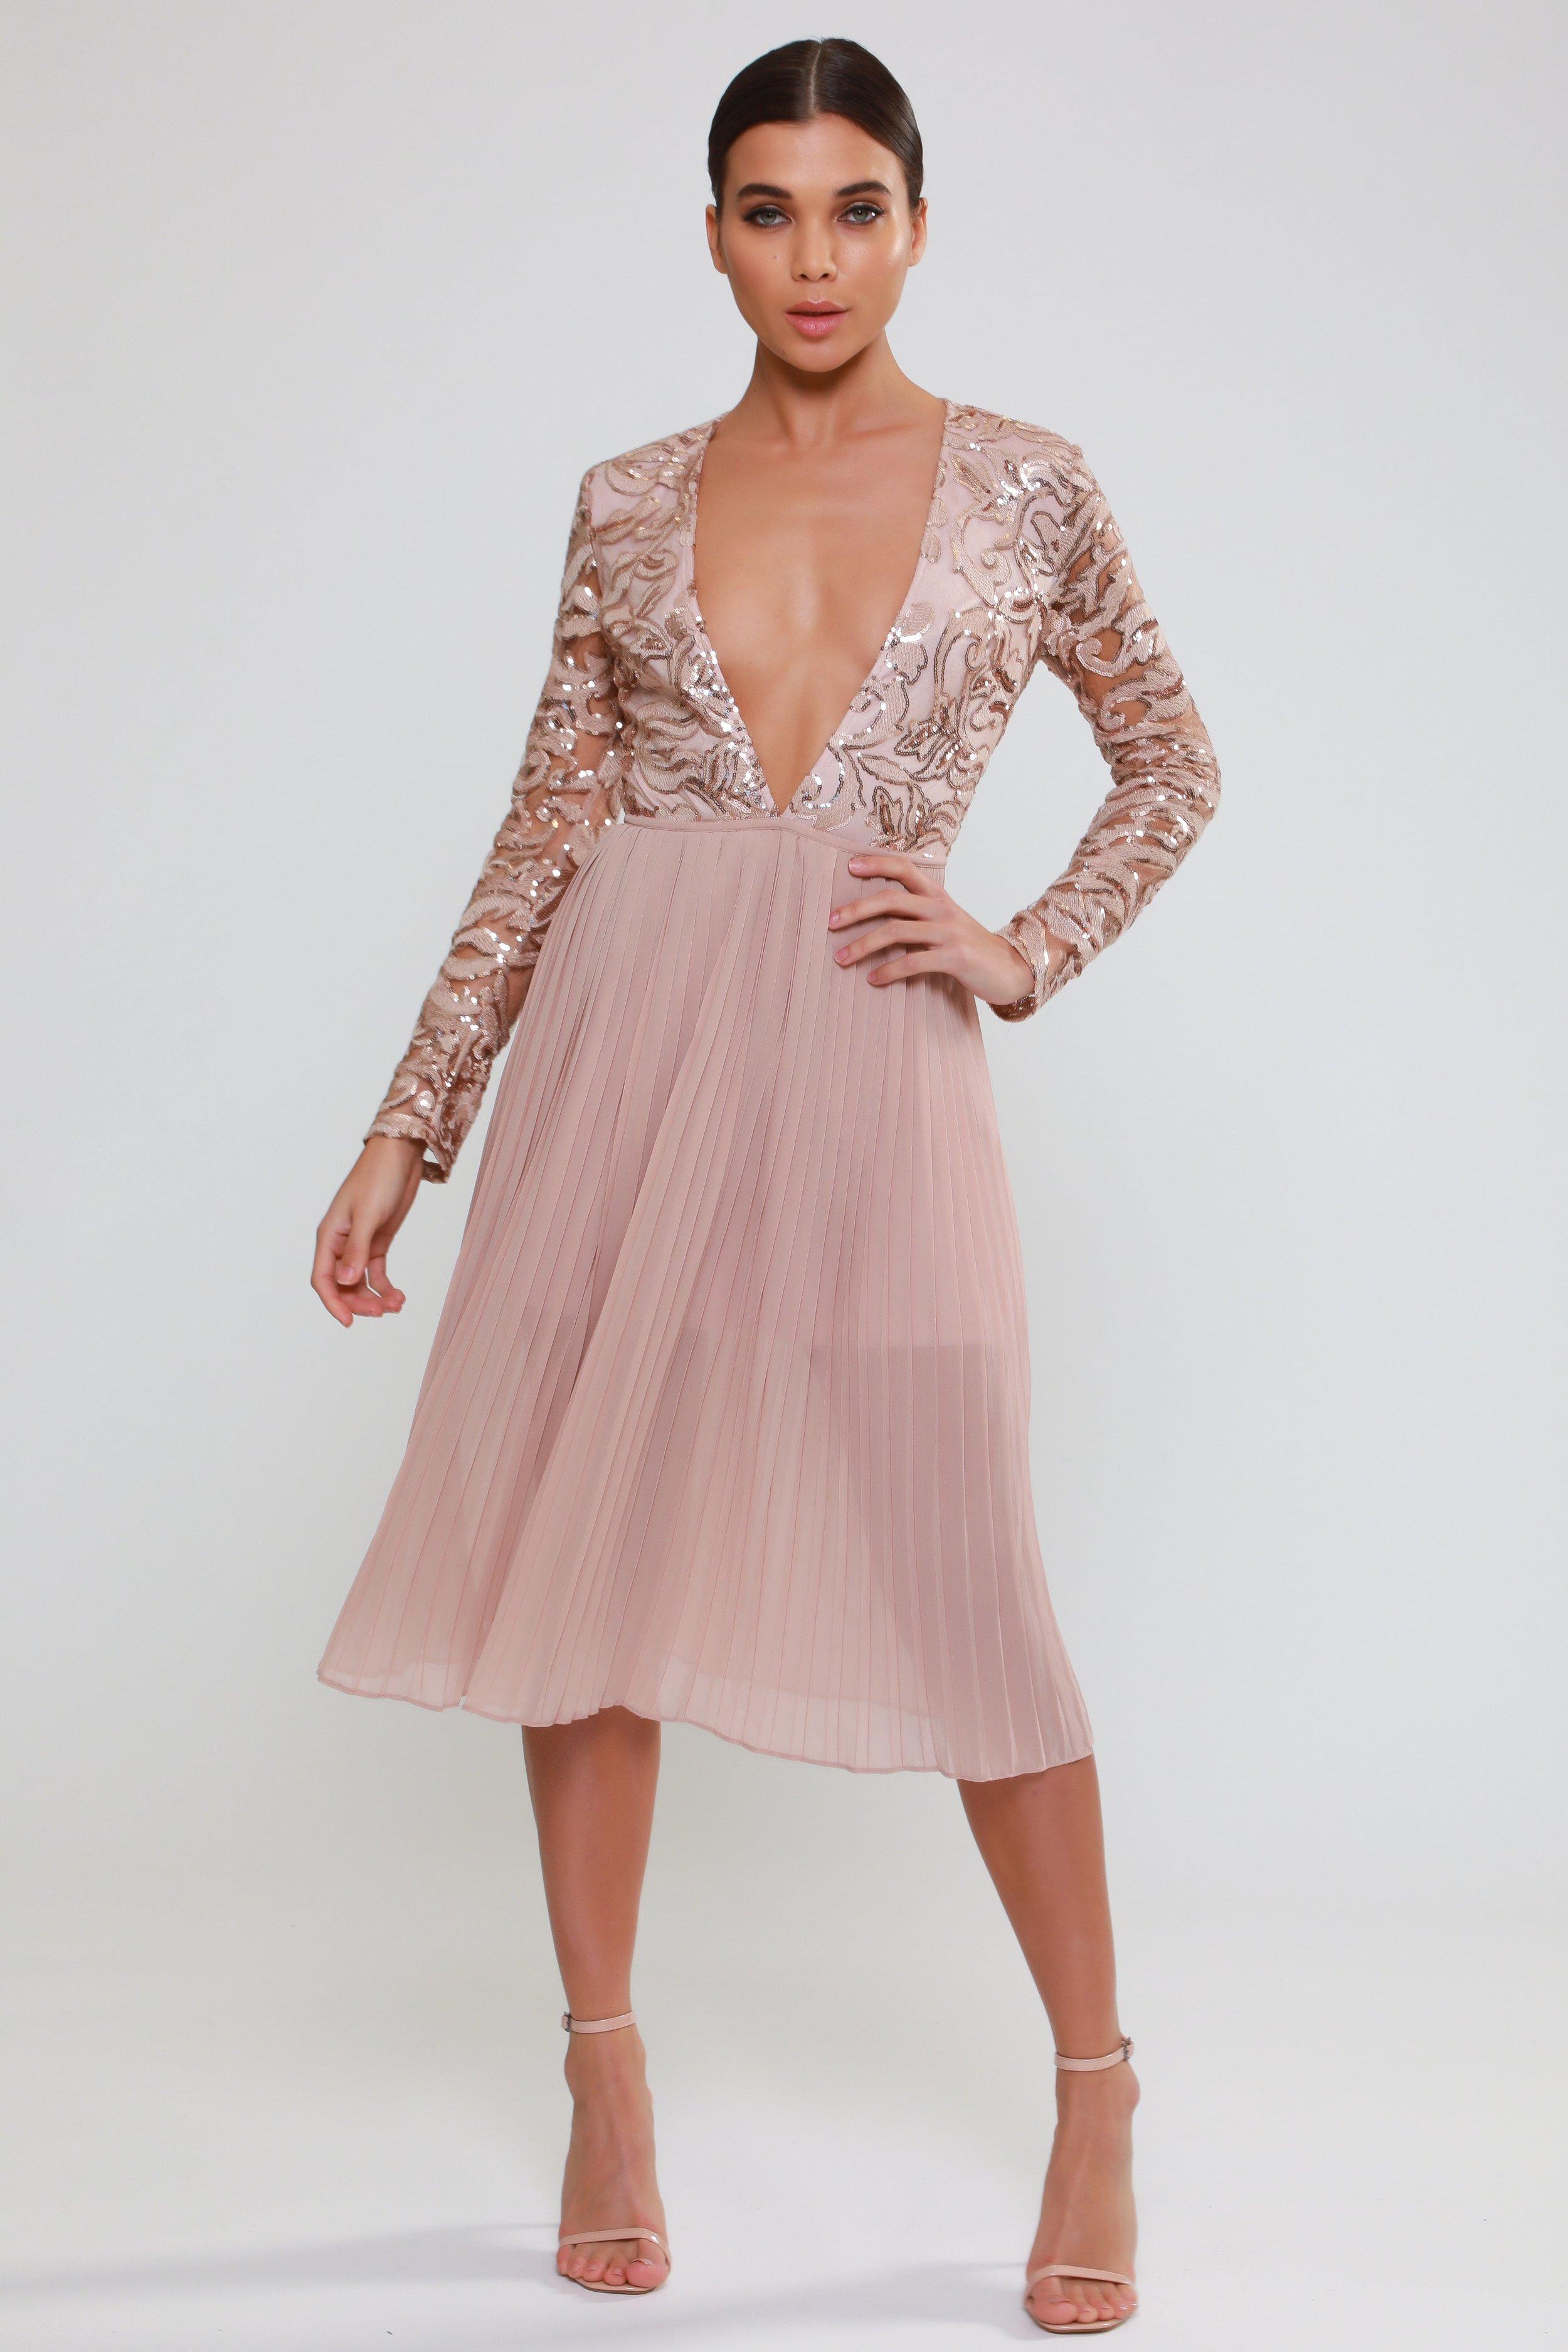 Sequin Plunge Pleated  Midi Dress   £100.00